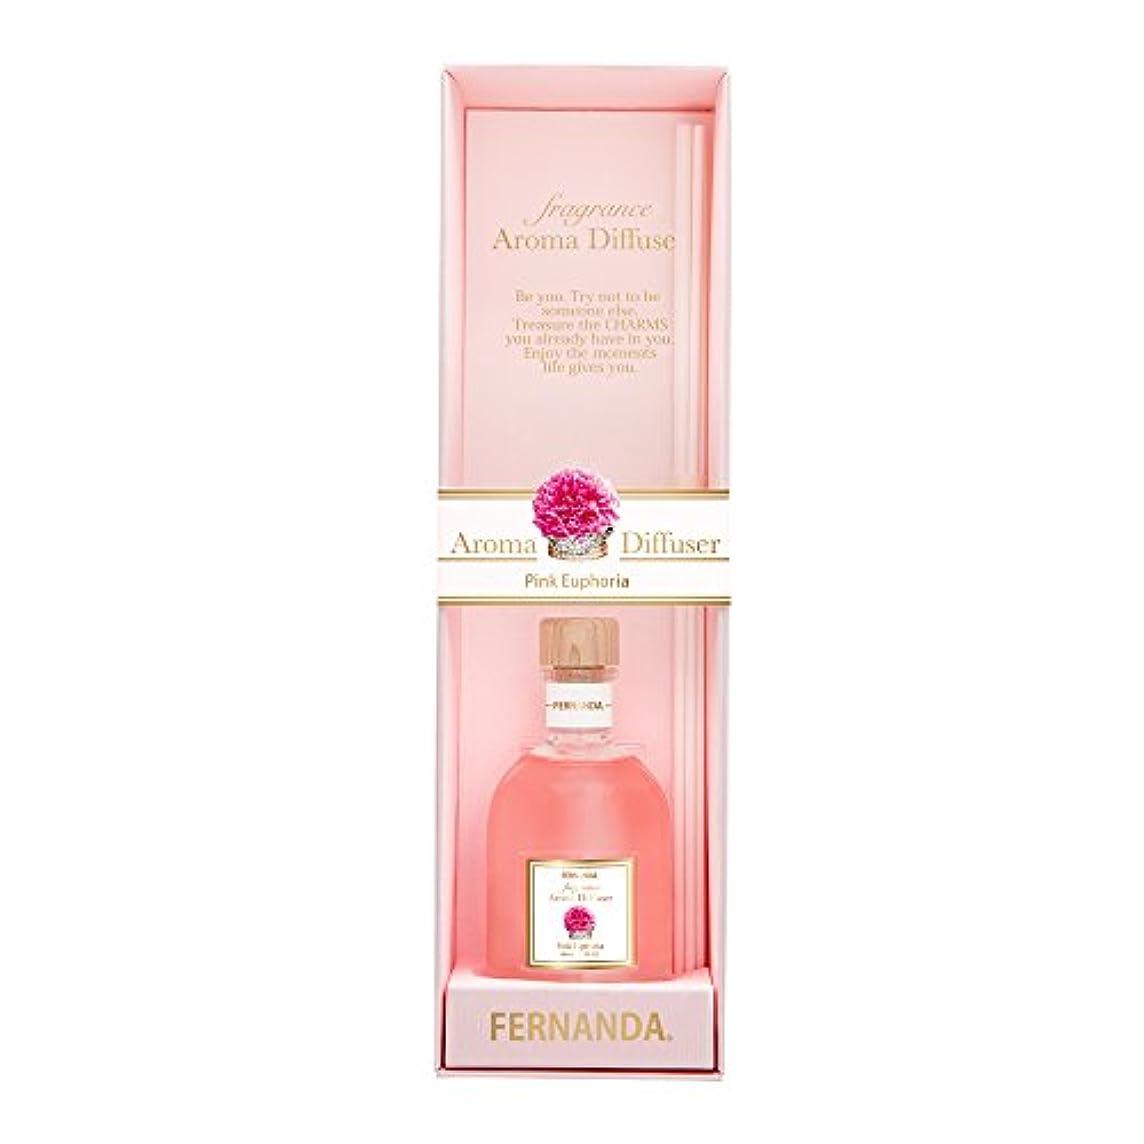 不機嫌大声で無駄FERNANDA(フェルナンダ) Fragrance Aroma Diffuser Pink Euphoria (アロマディフューザー ピンクエウフォリア)